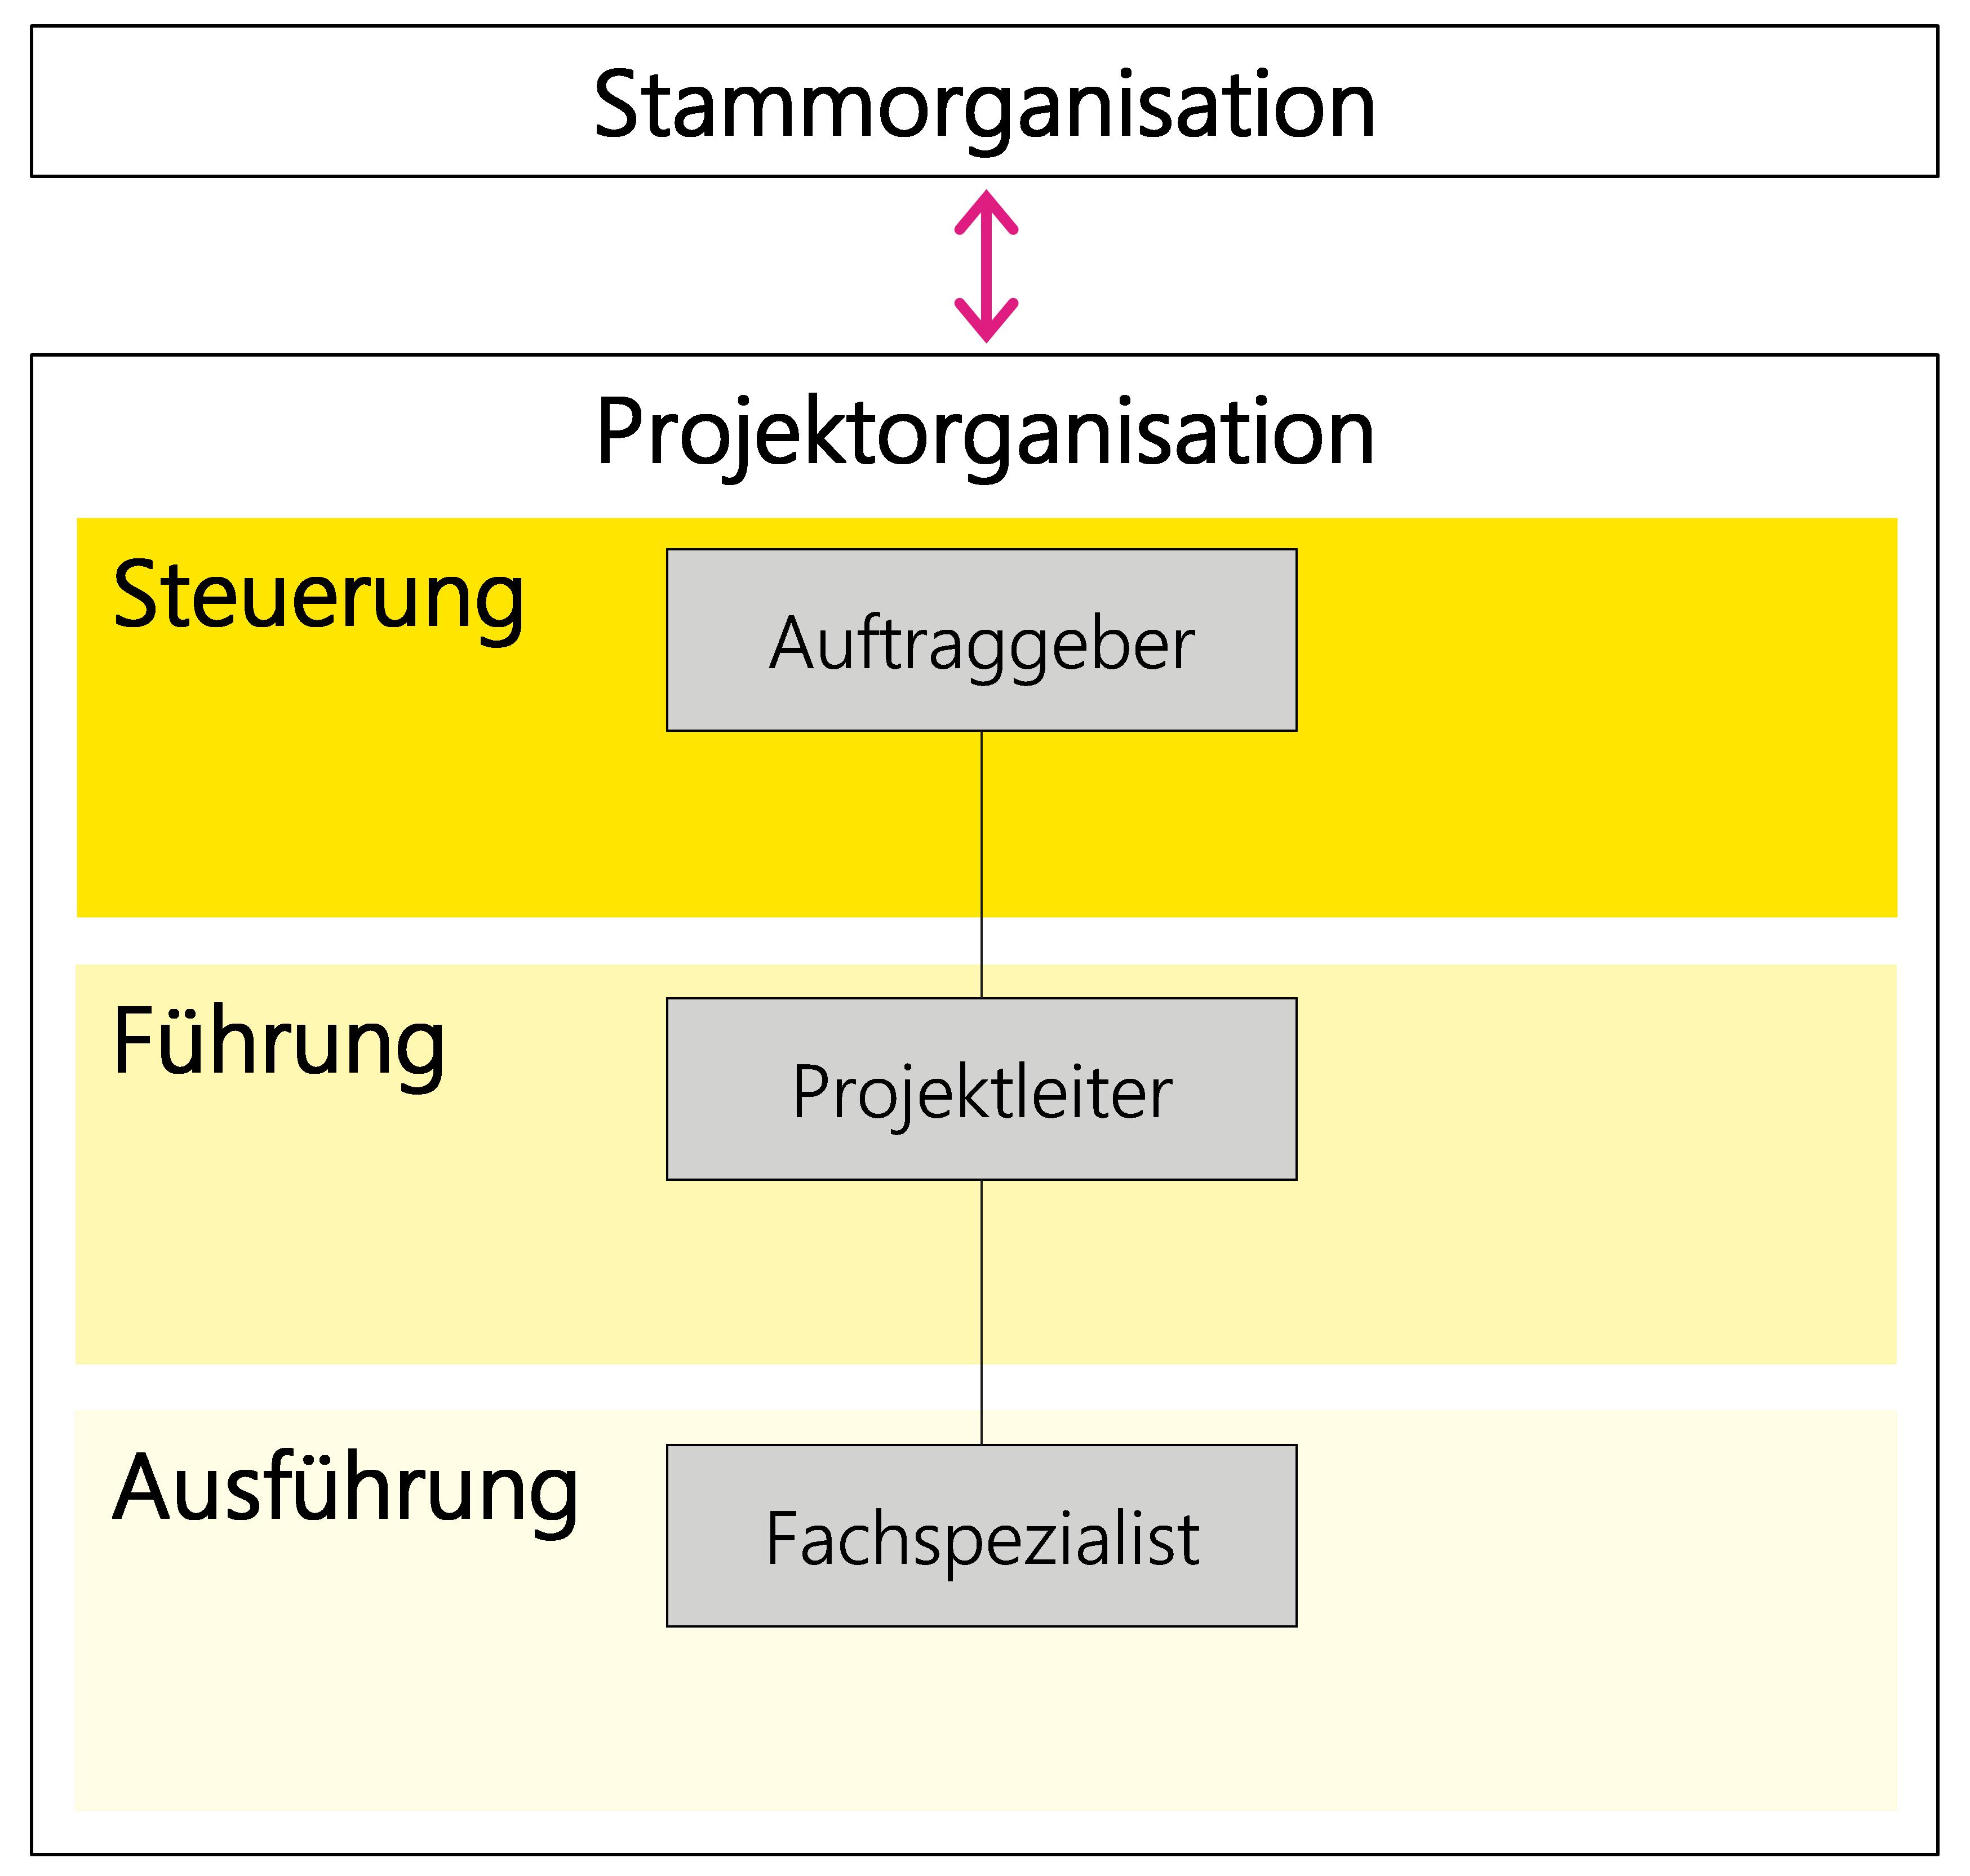 Abbildung 4: Beziehung der Stamm- und Projektorganisation